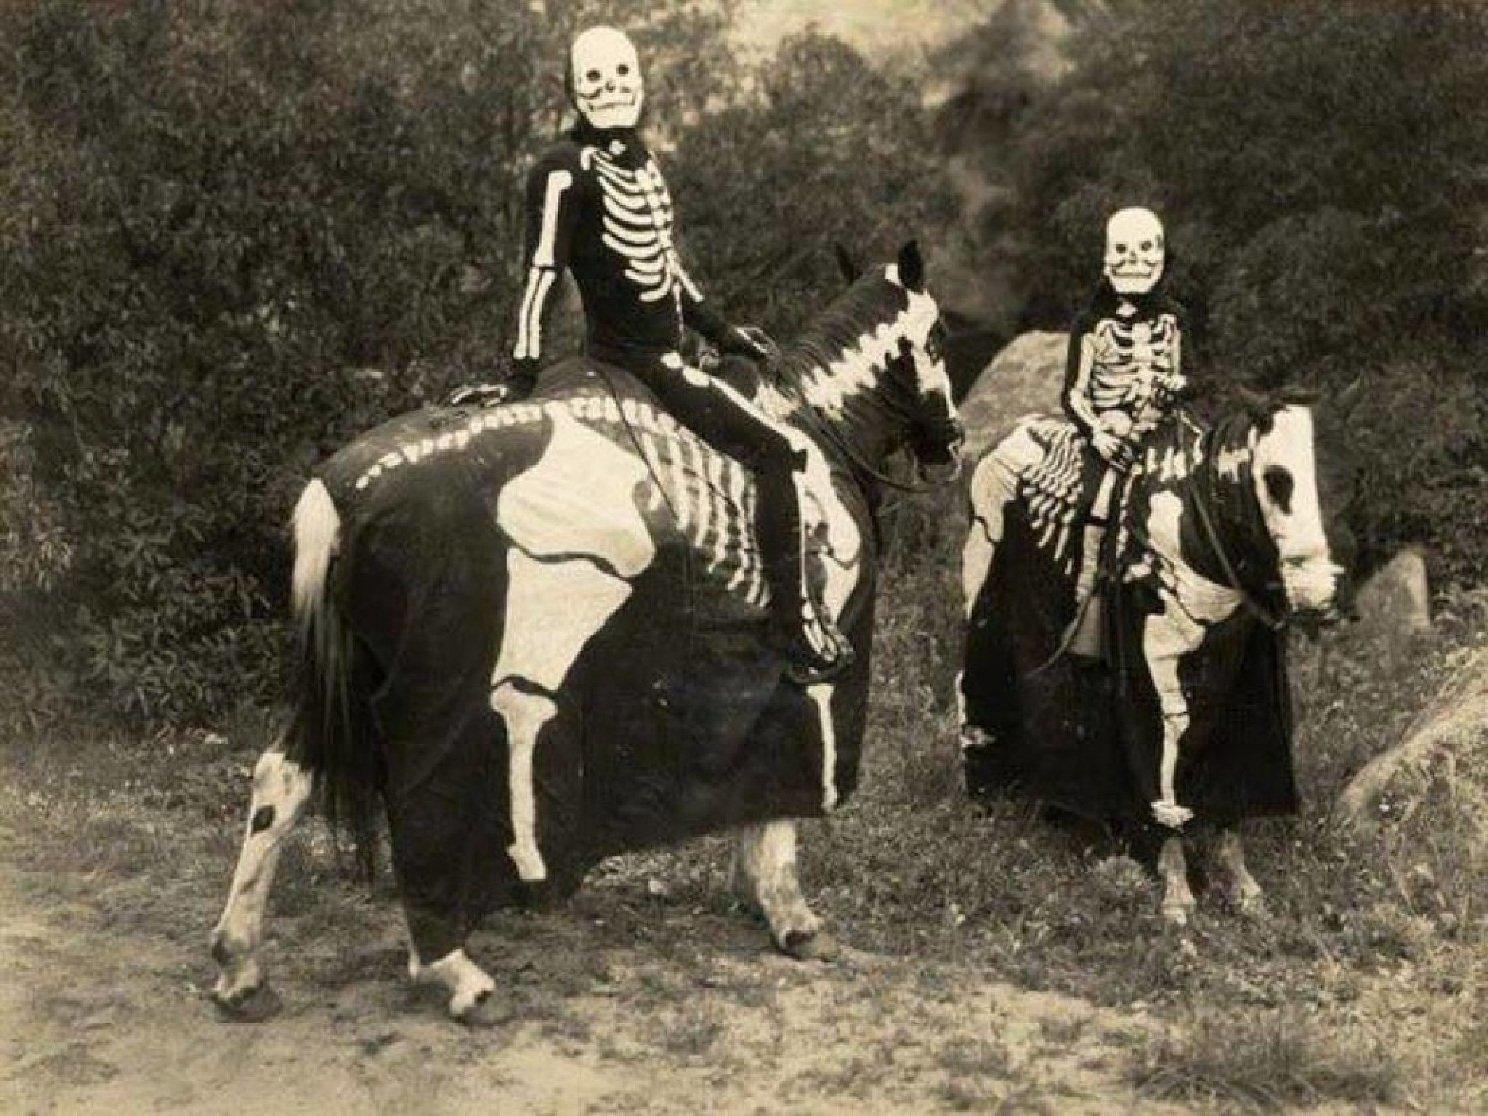 хэллоуин хотят запретить в россии канун дня всех святых понедельник начинается с дичи вий шварценеггер джеки чан отвратительные мужики